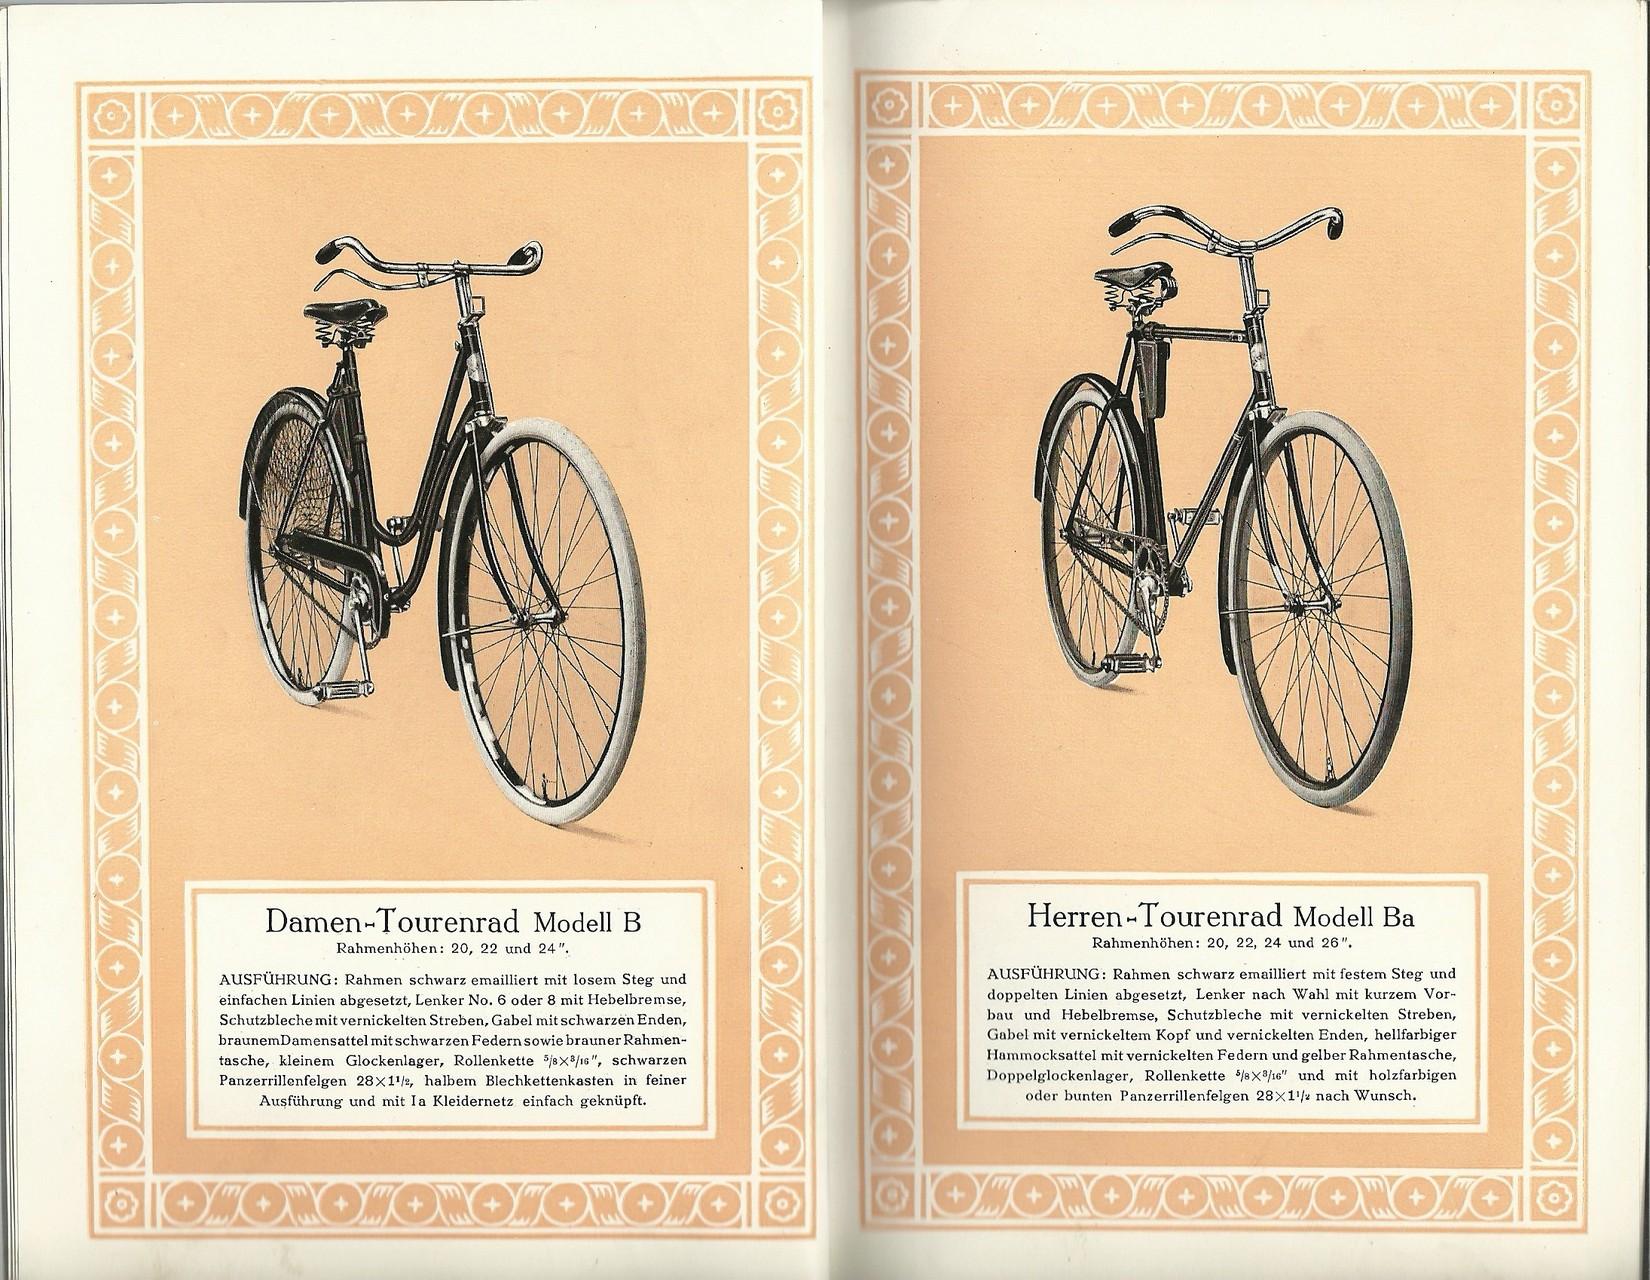 La Storia - mondo-bici